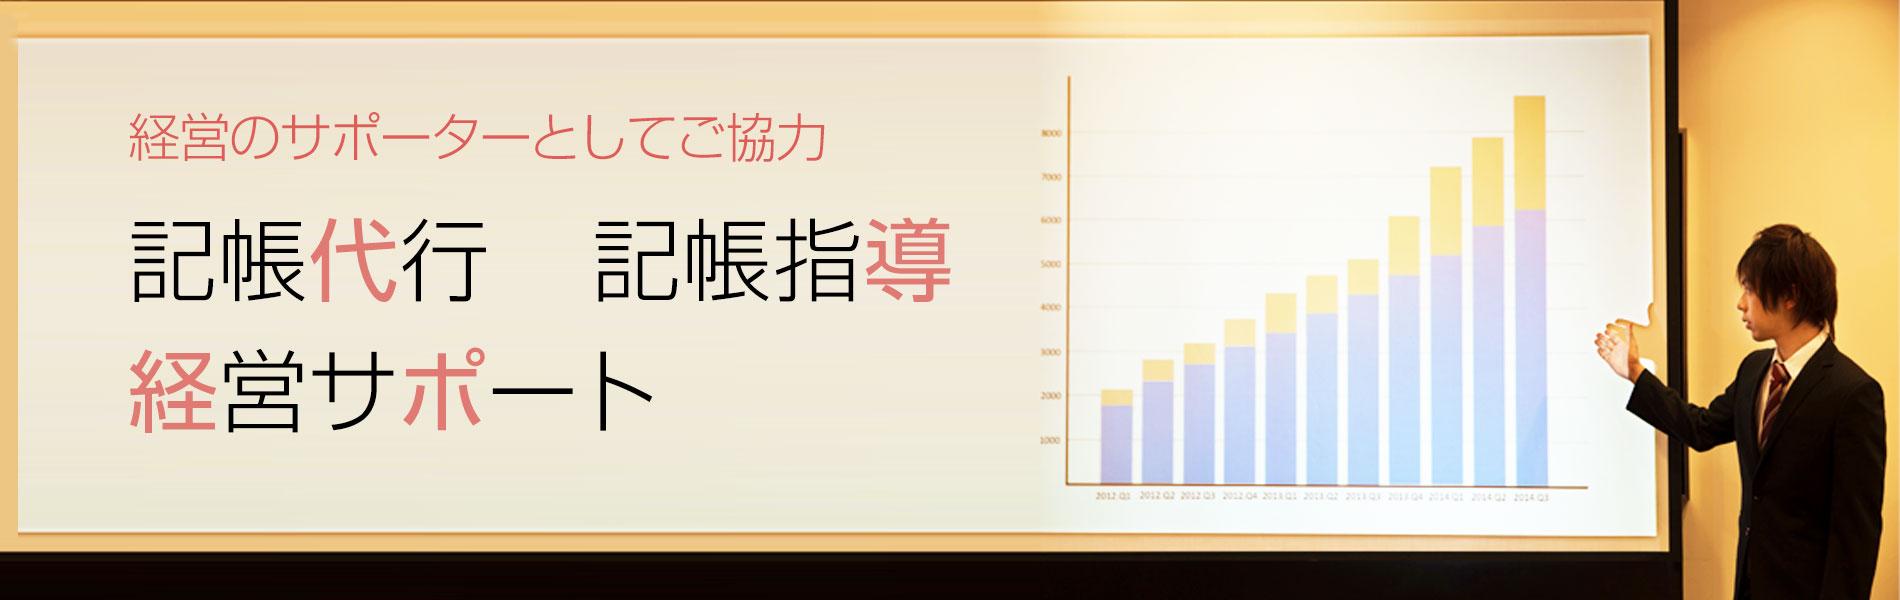 記帳代行・記帳指導・経営サポート|千葉県市川市の税理士事務所|かんの税理士事務所